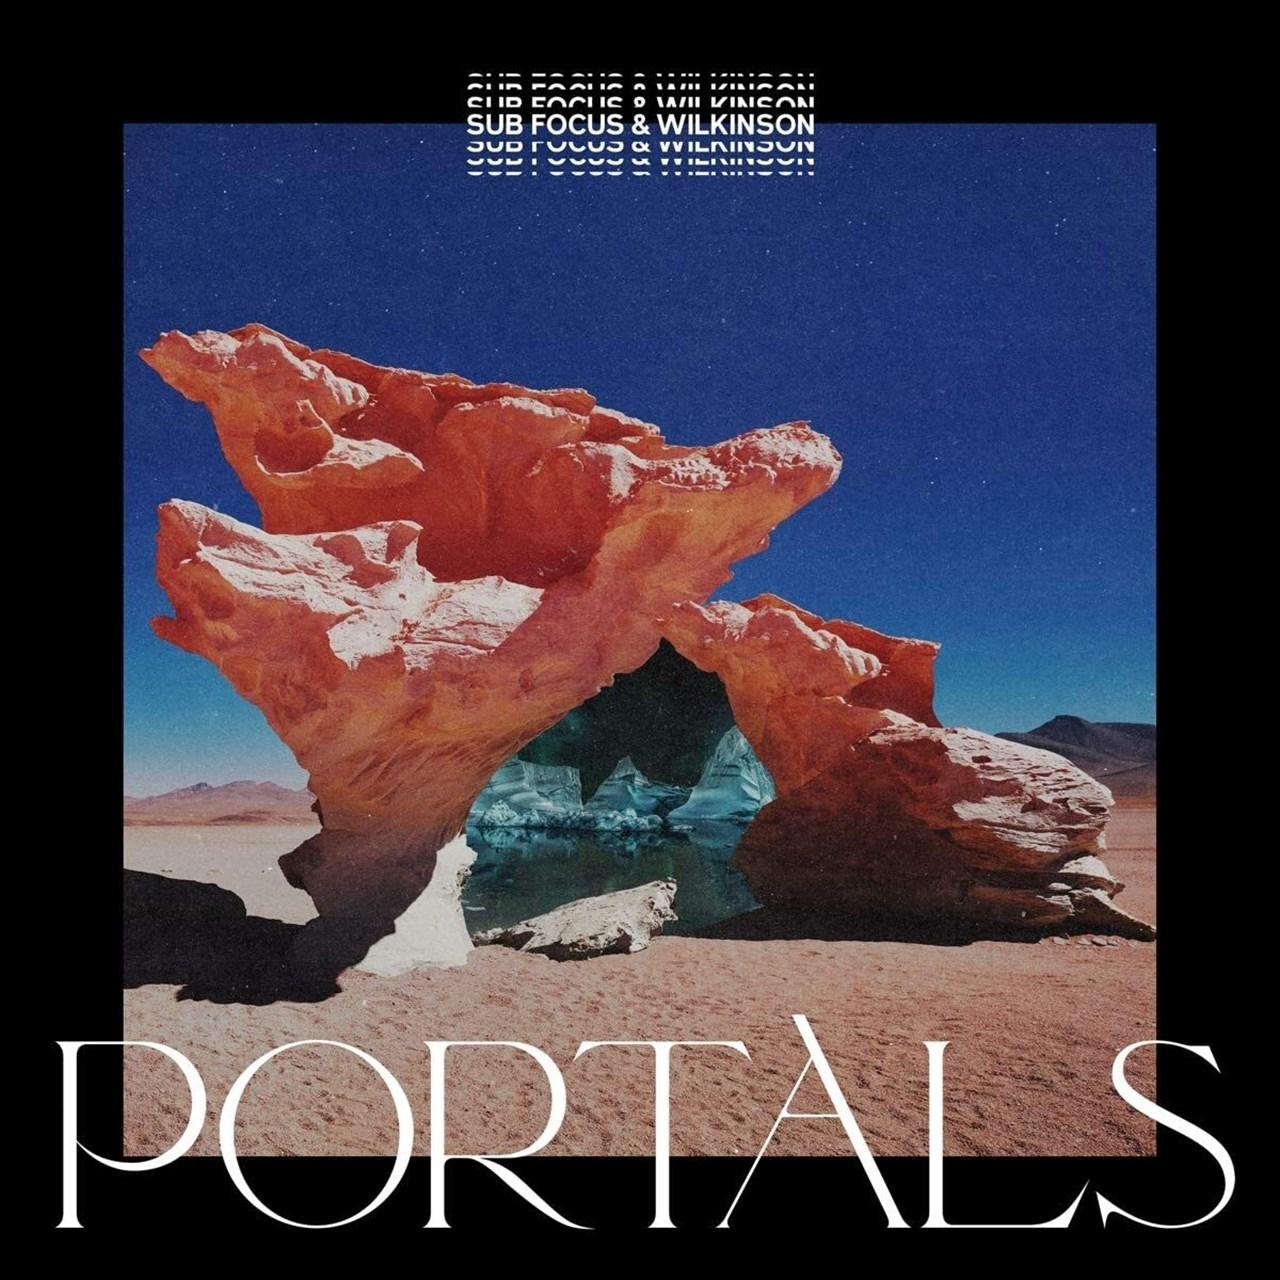 Portals - 1